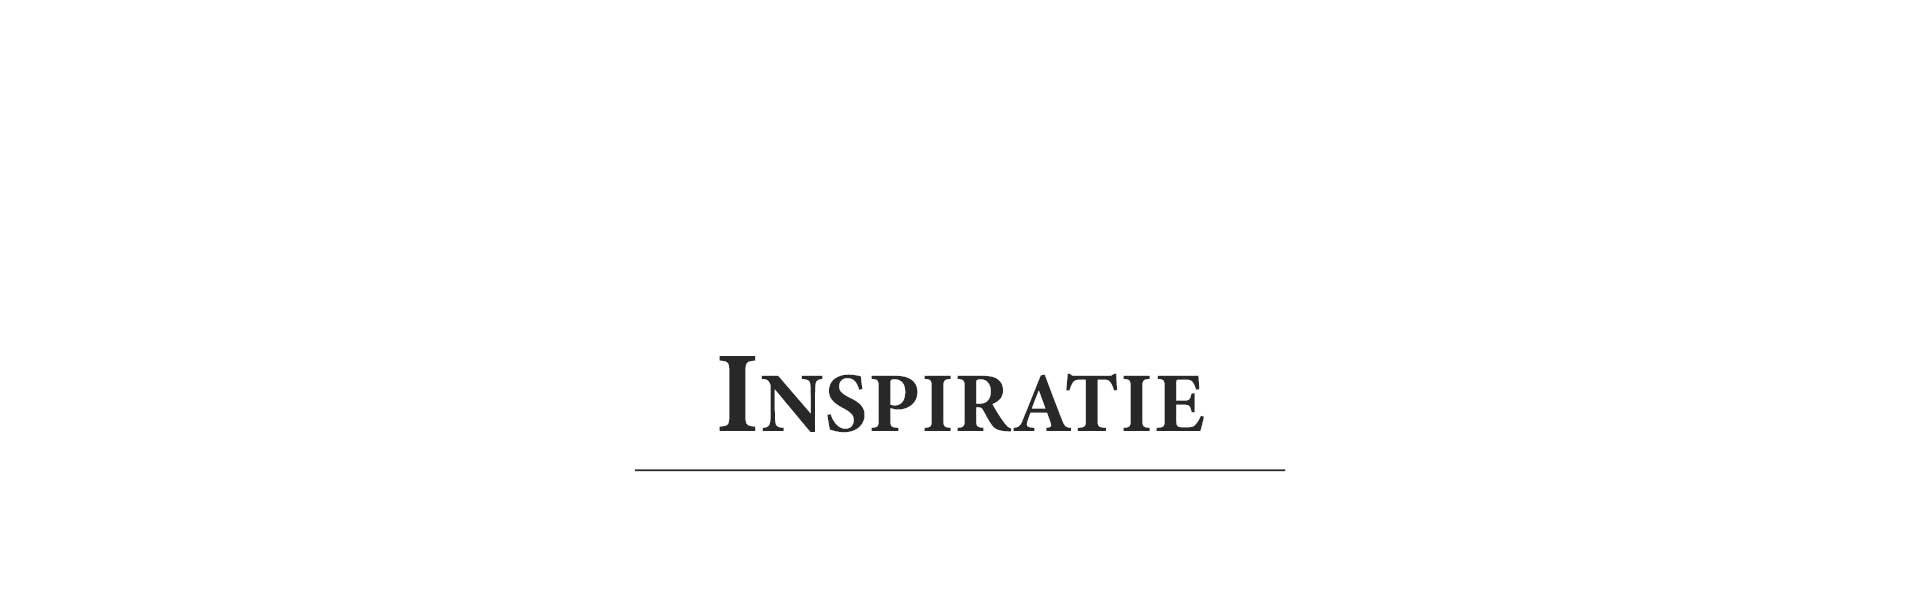 Voor al uw sieraden inspiratie.